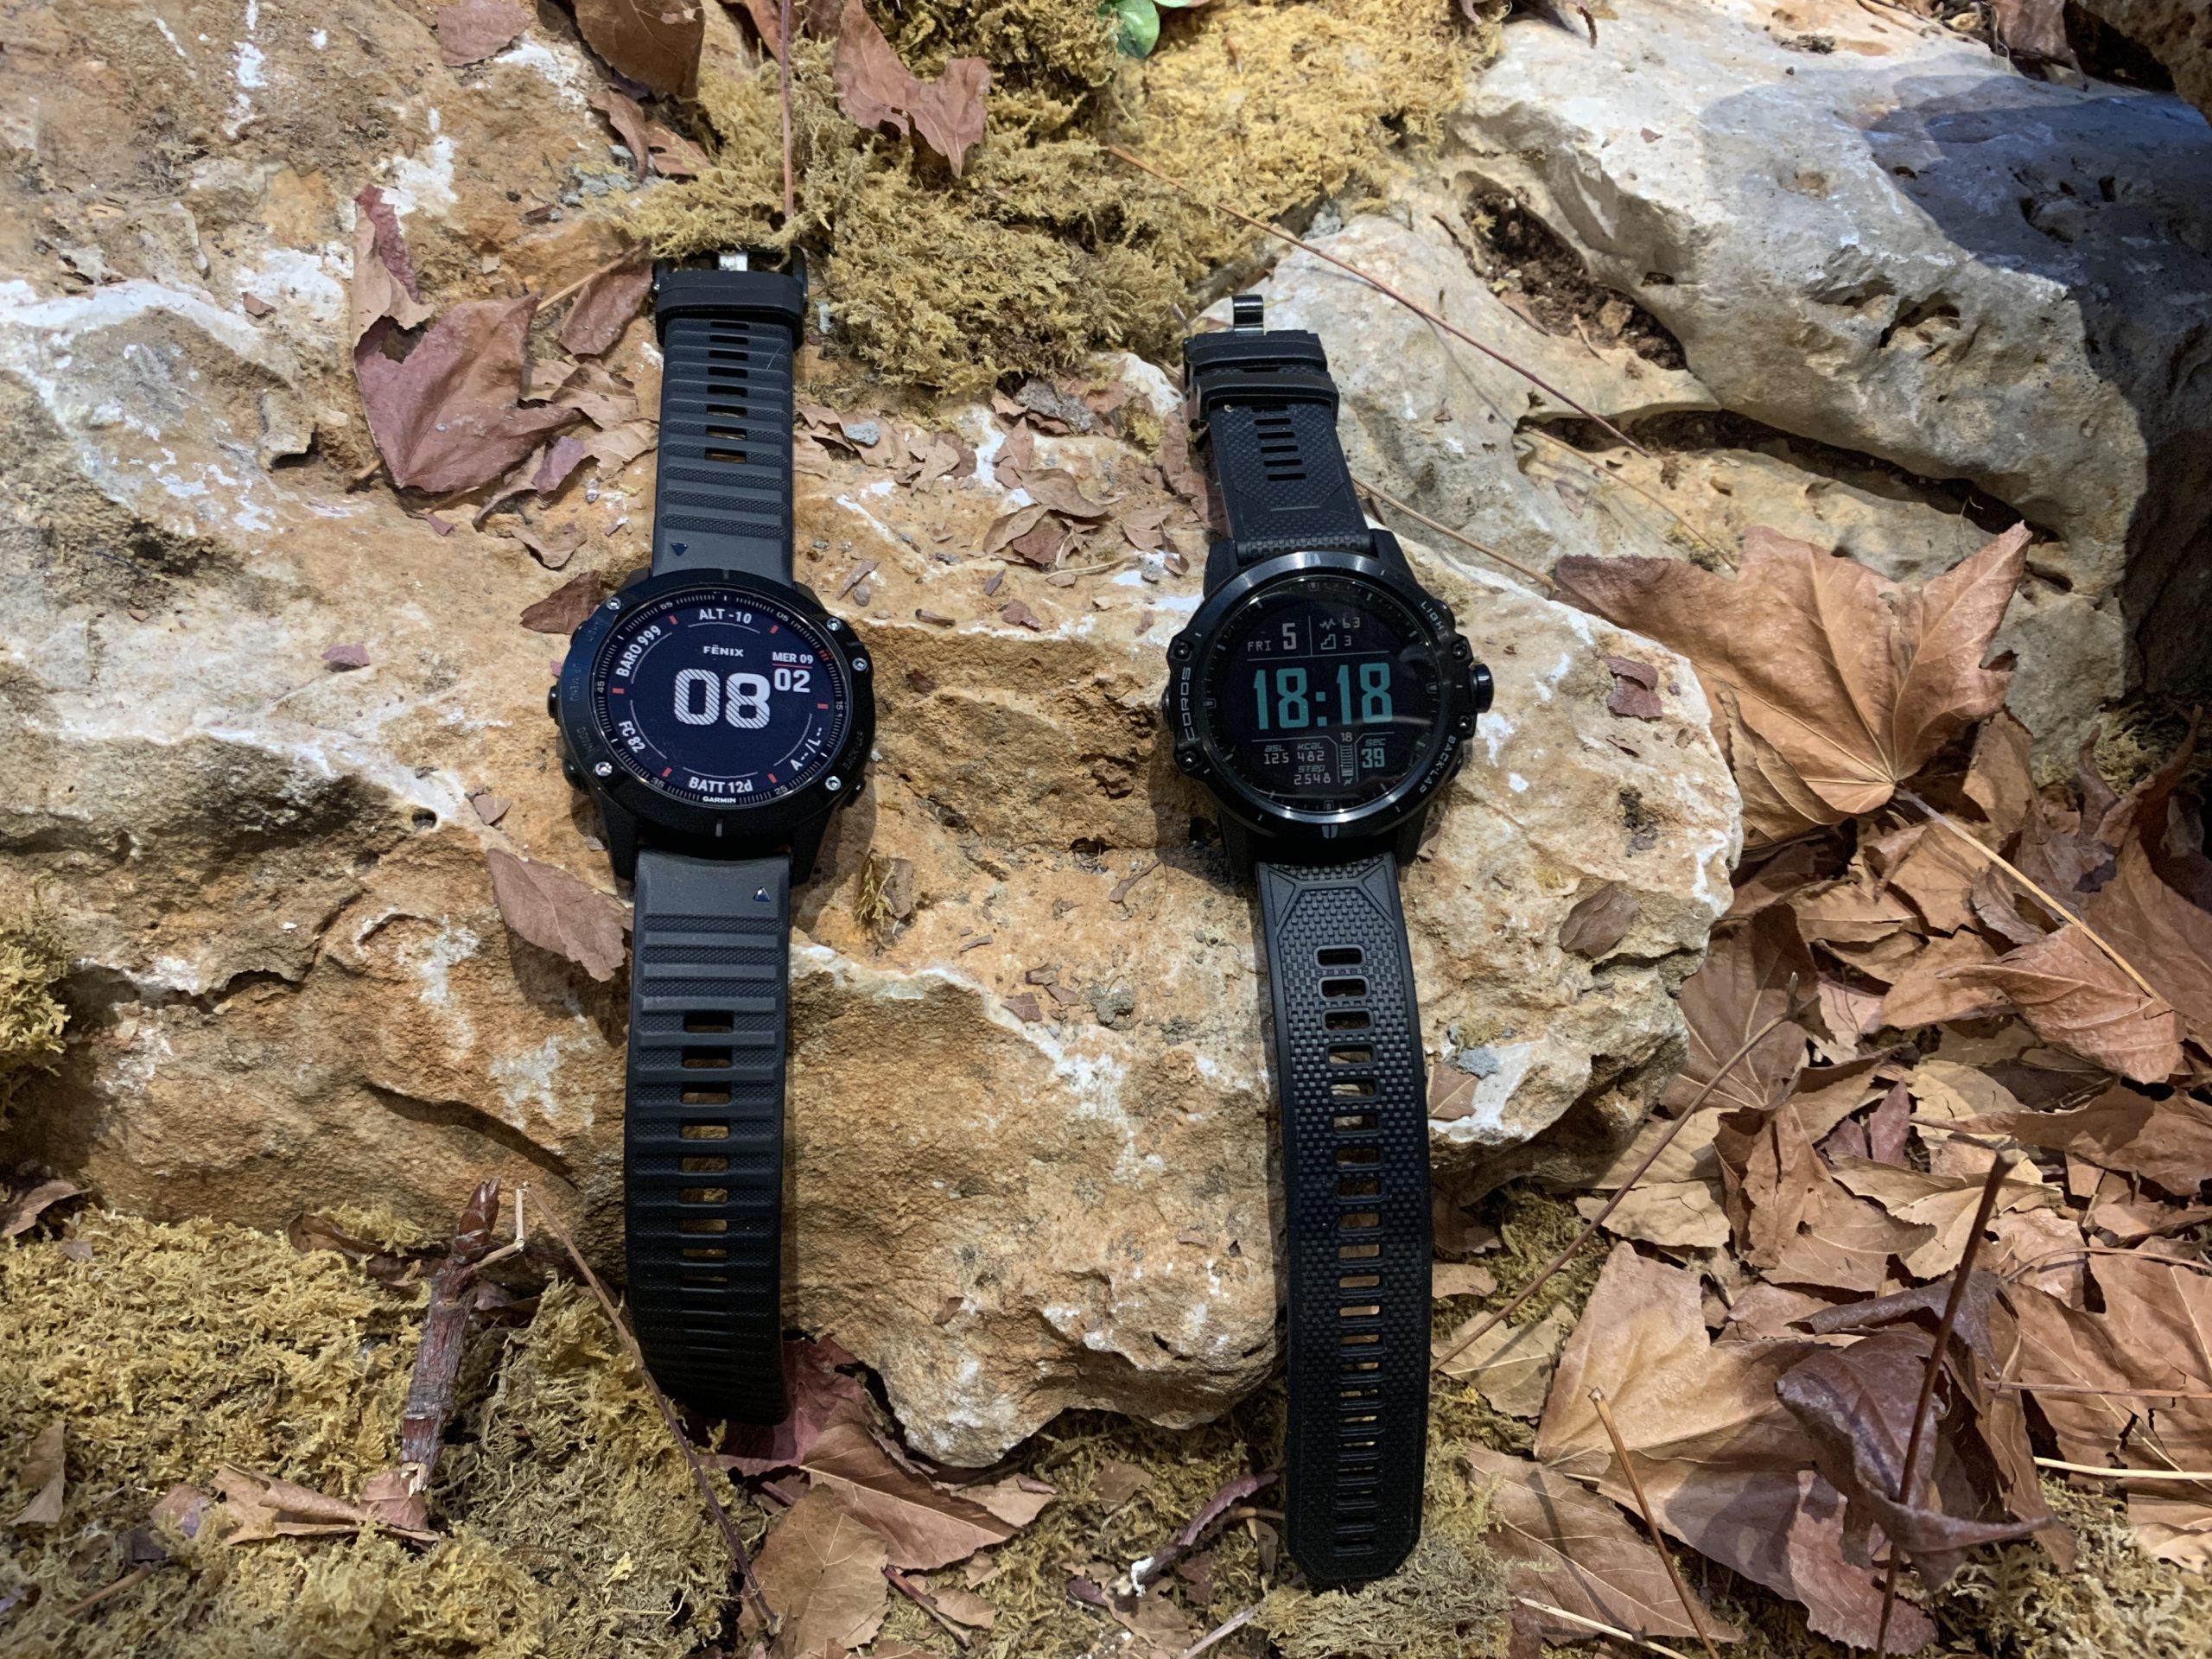 Miglior Sportwatch da Trail, quale scegliere?